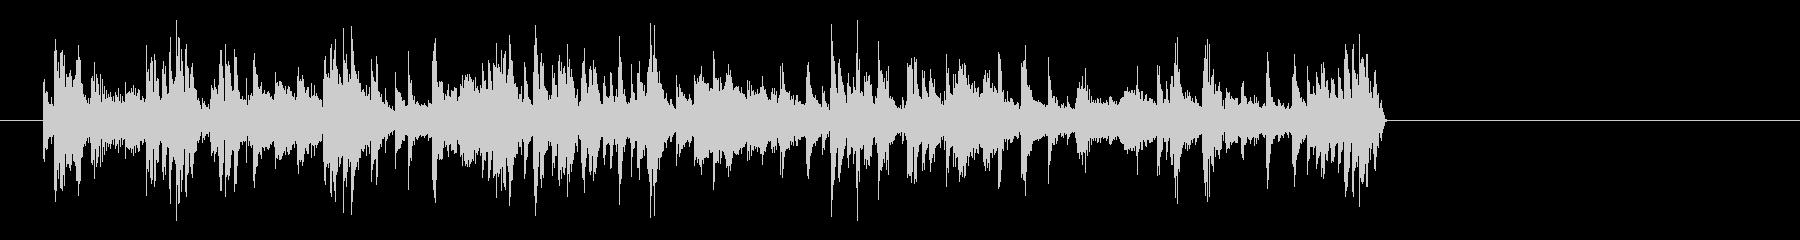 ドラムソロの未再生の波形